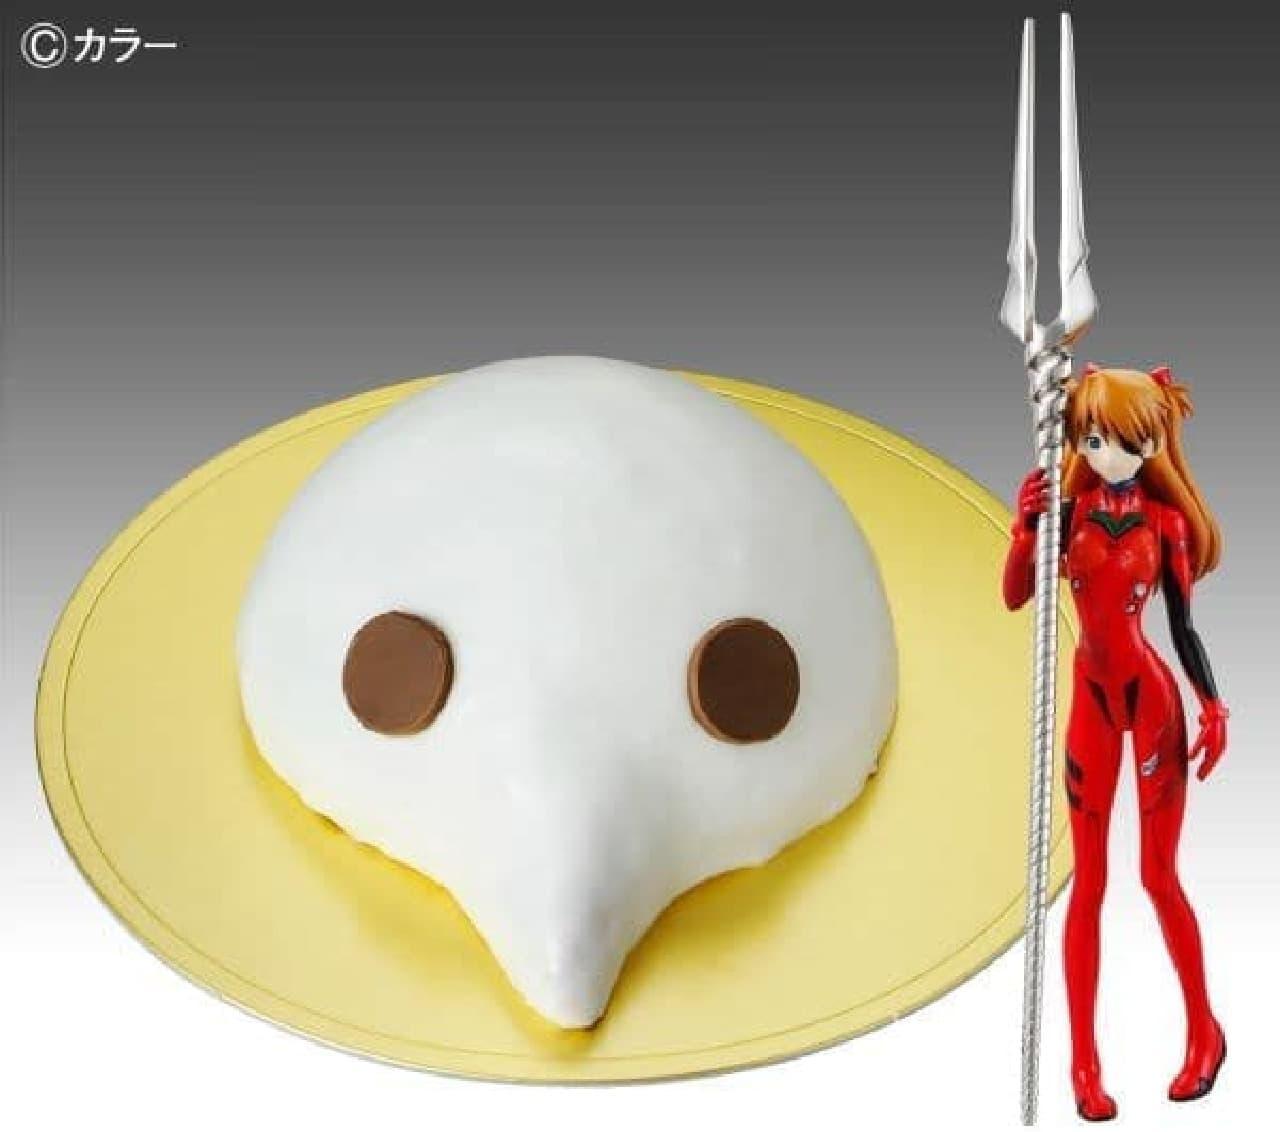 ロンギヌスの槍で食べて…「EVANGELION」使徒ケーキ予約受付開始!